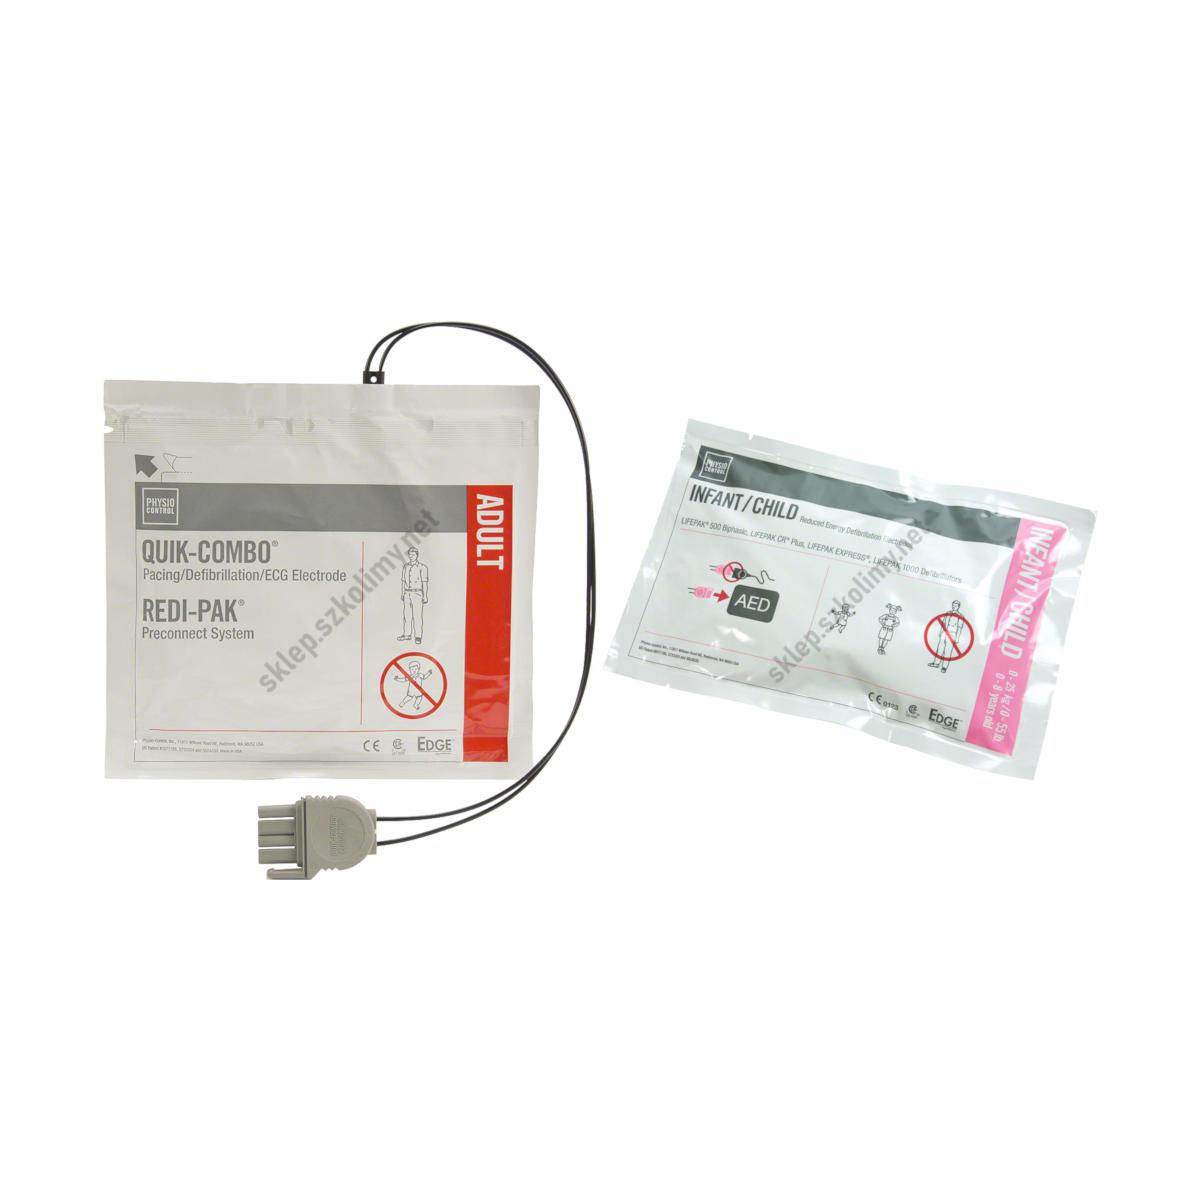 Elektrody do defibrylatora AED LIFEPAK 1000 (dla dorosłych | dla dzieci)